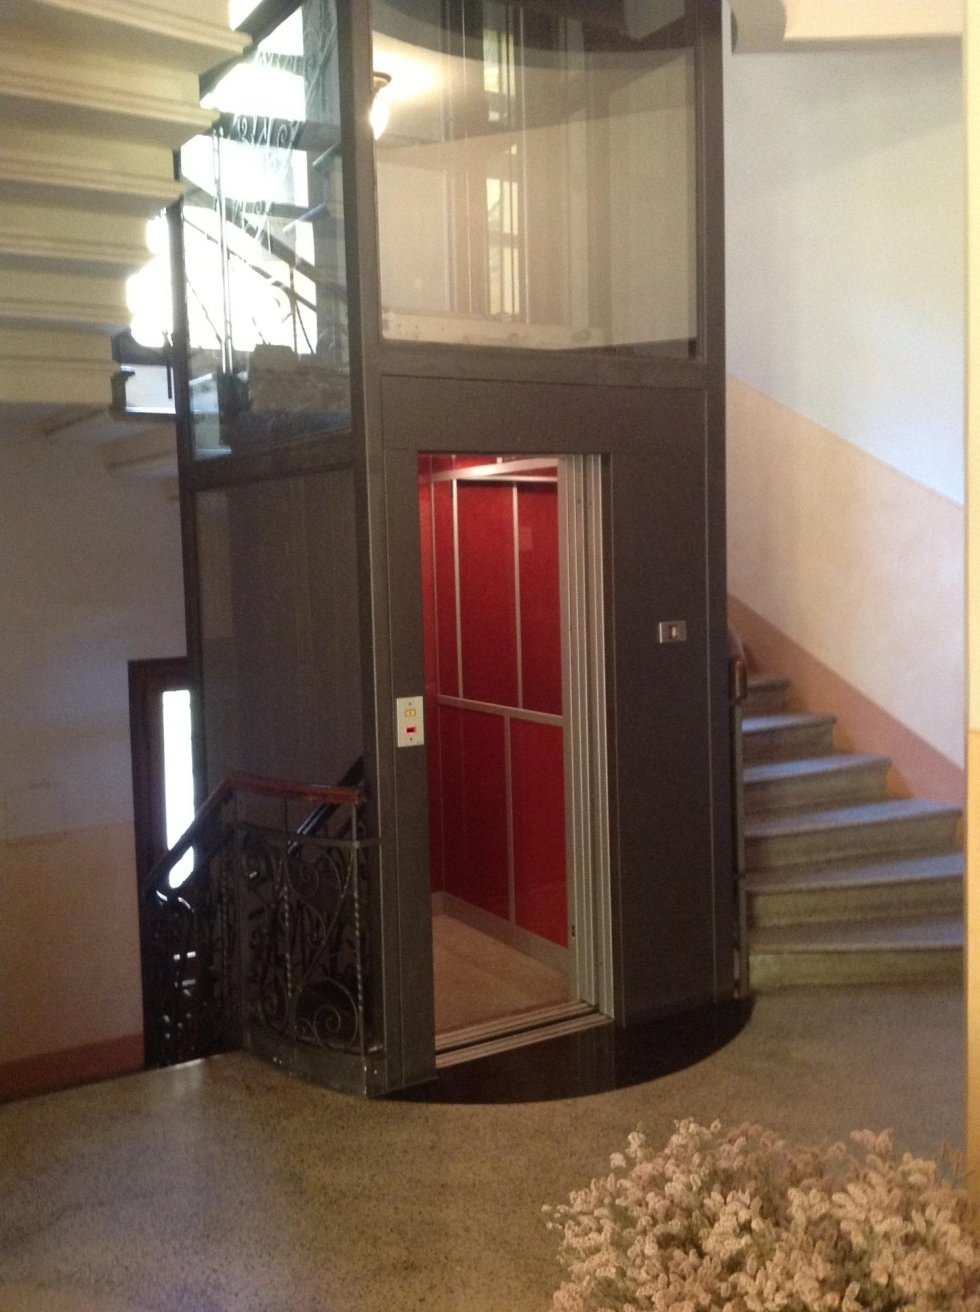 ascensore con incastellatura con vetro trasparente-vista interna